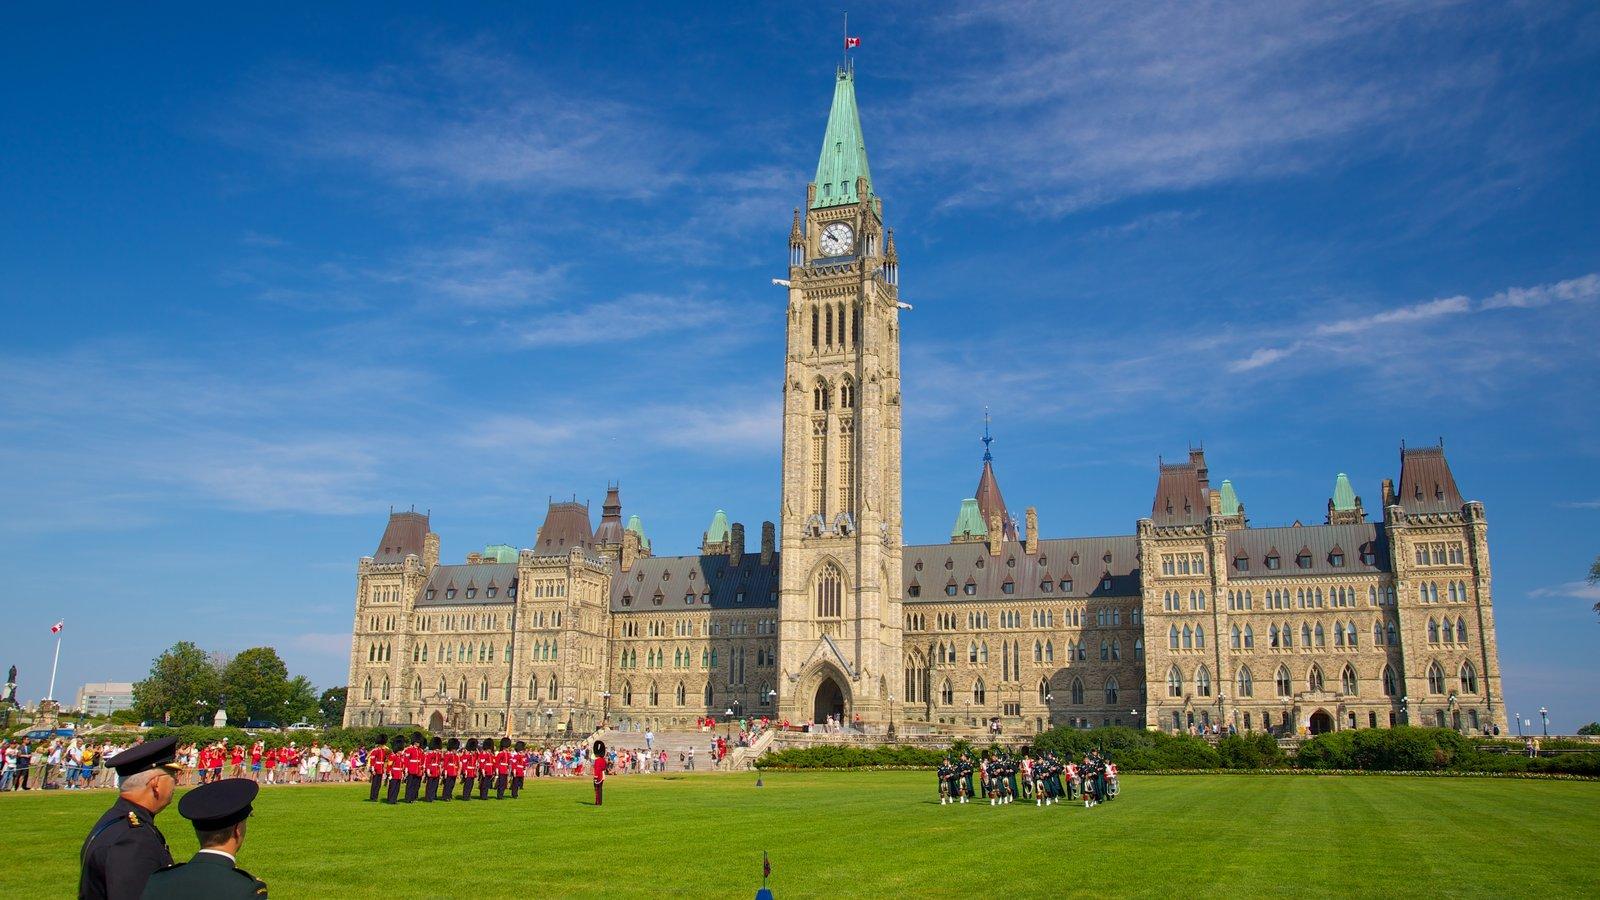 Parliament Hill mostrando arte performática, arquitetura de patrimônio e itens militares